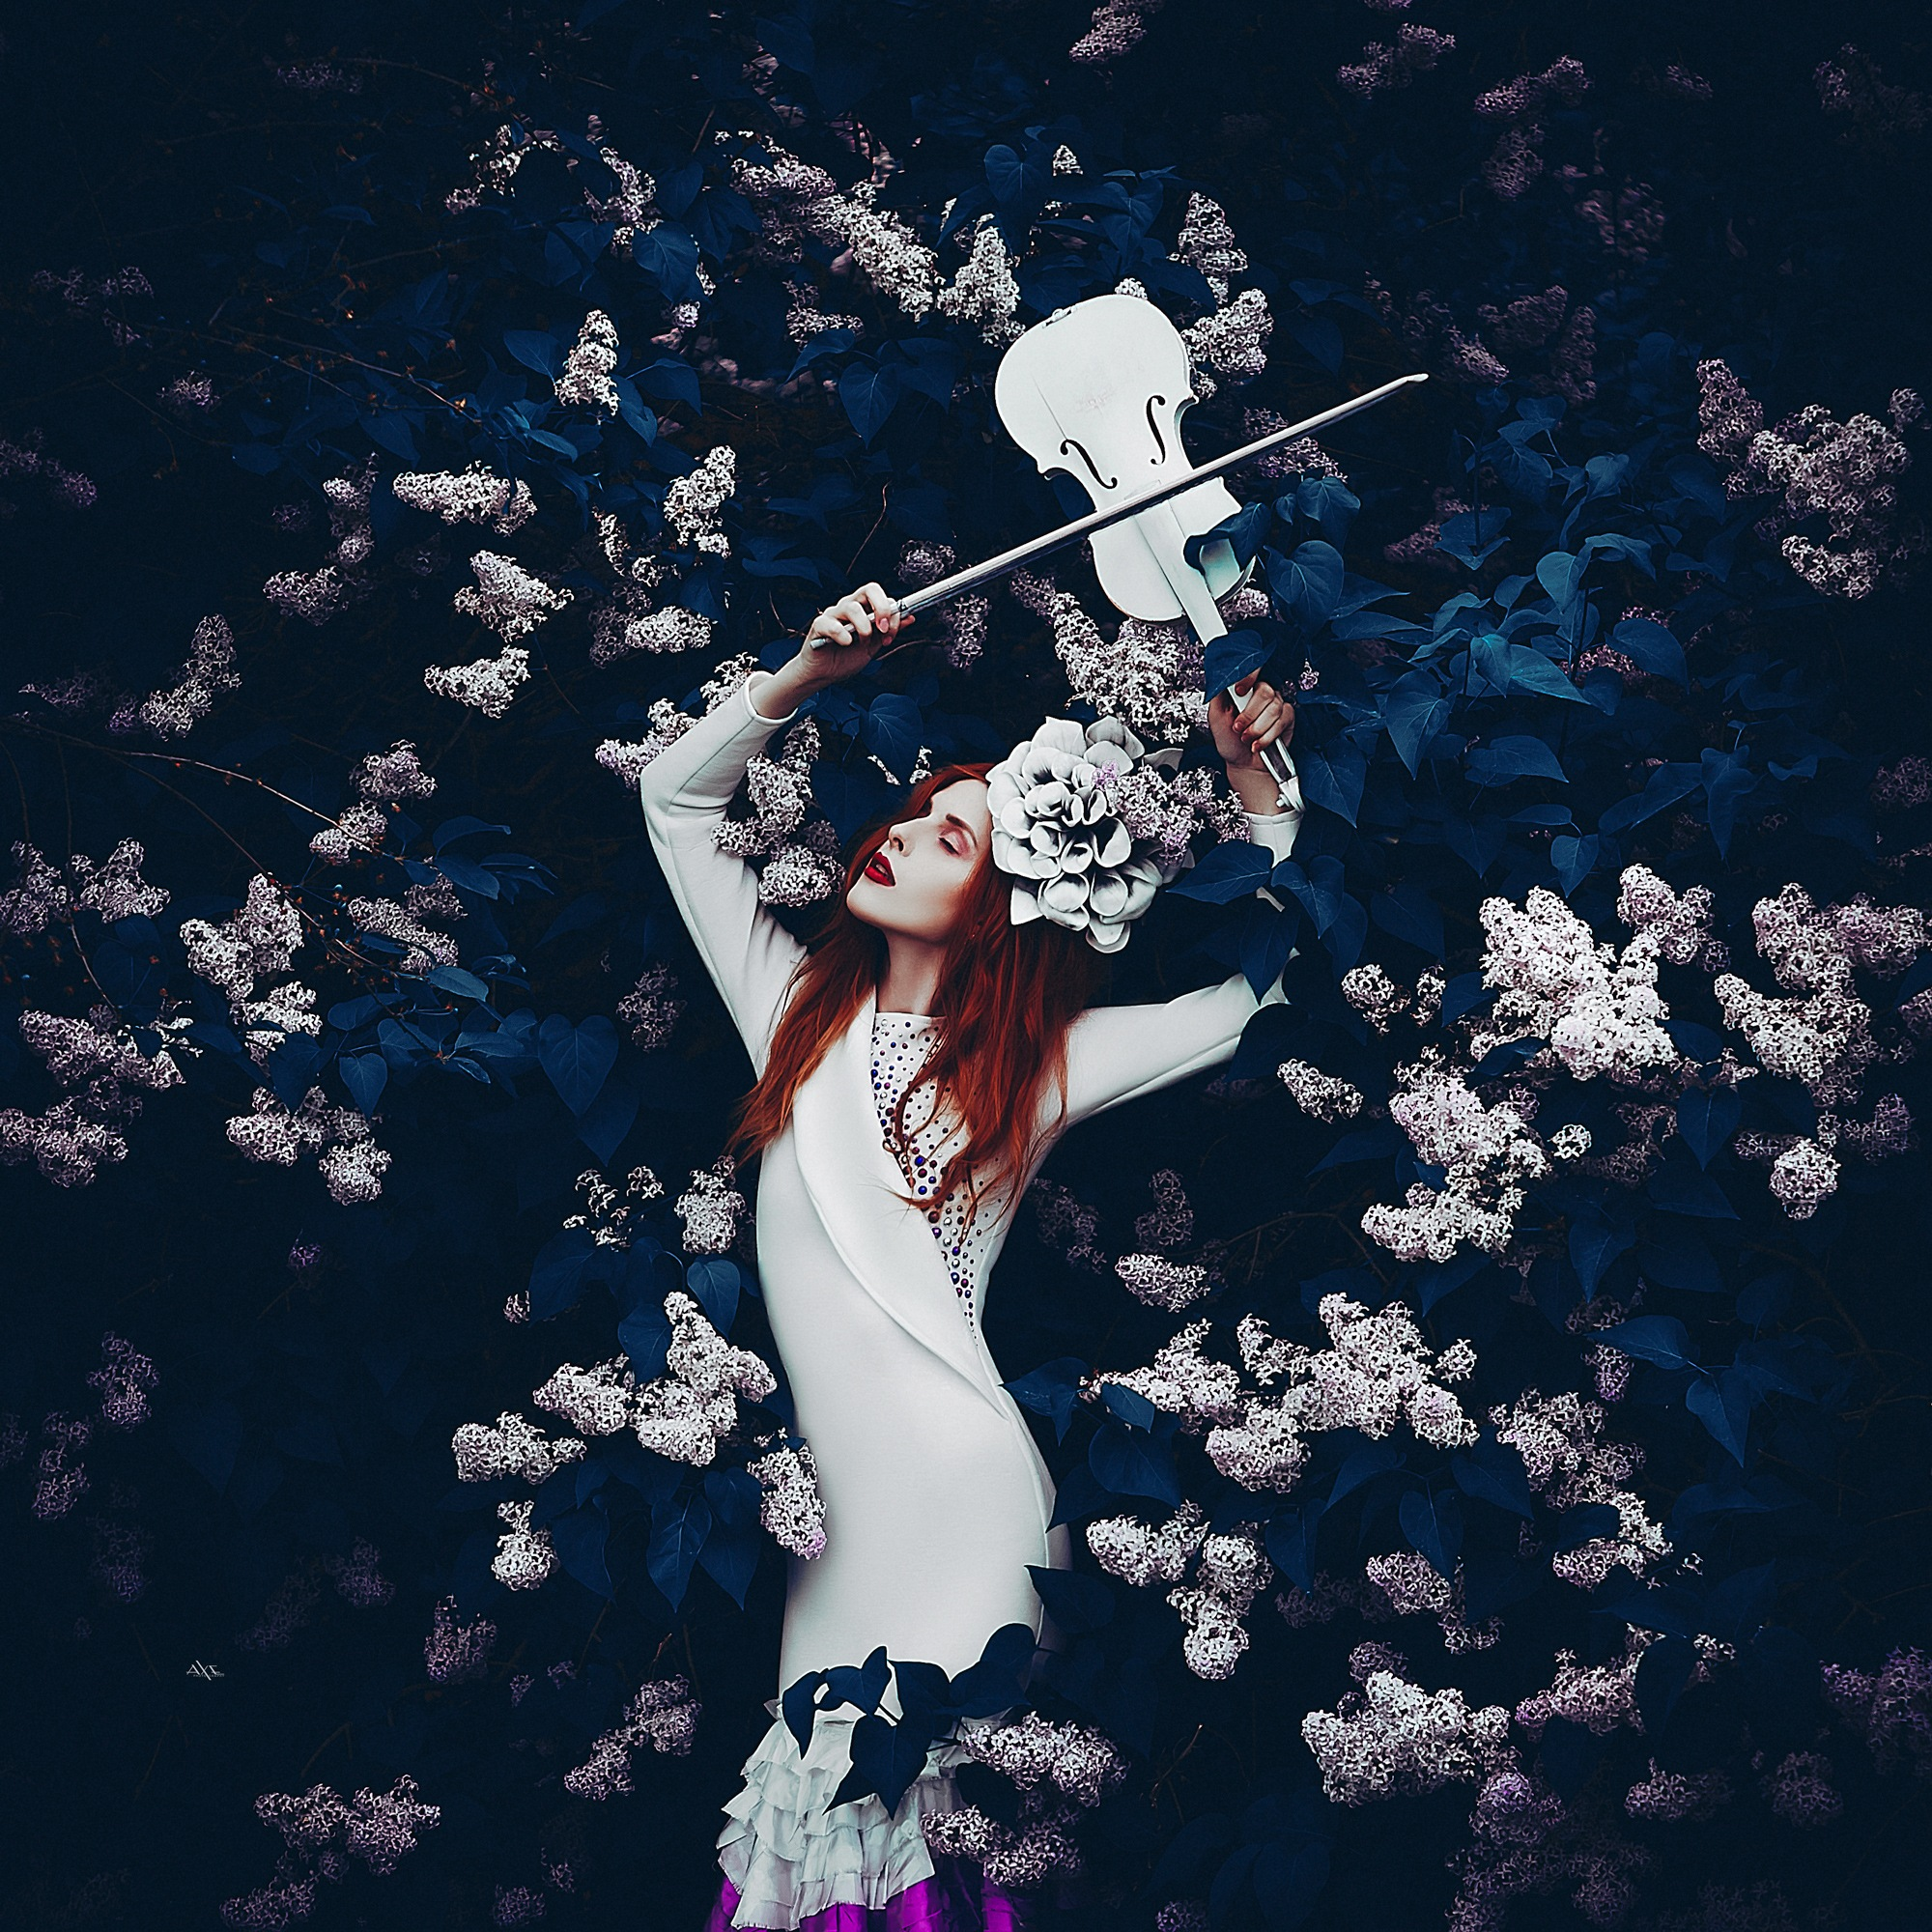 Musique de beauté   by Ruslan  Bolgov (Axe Photography)